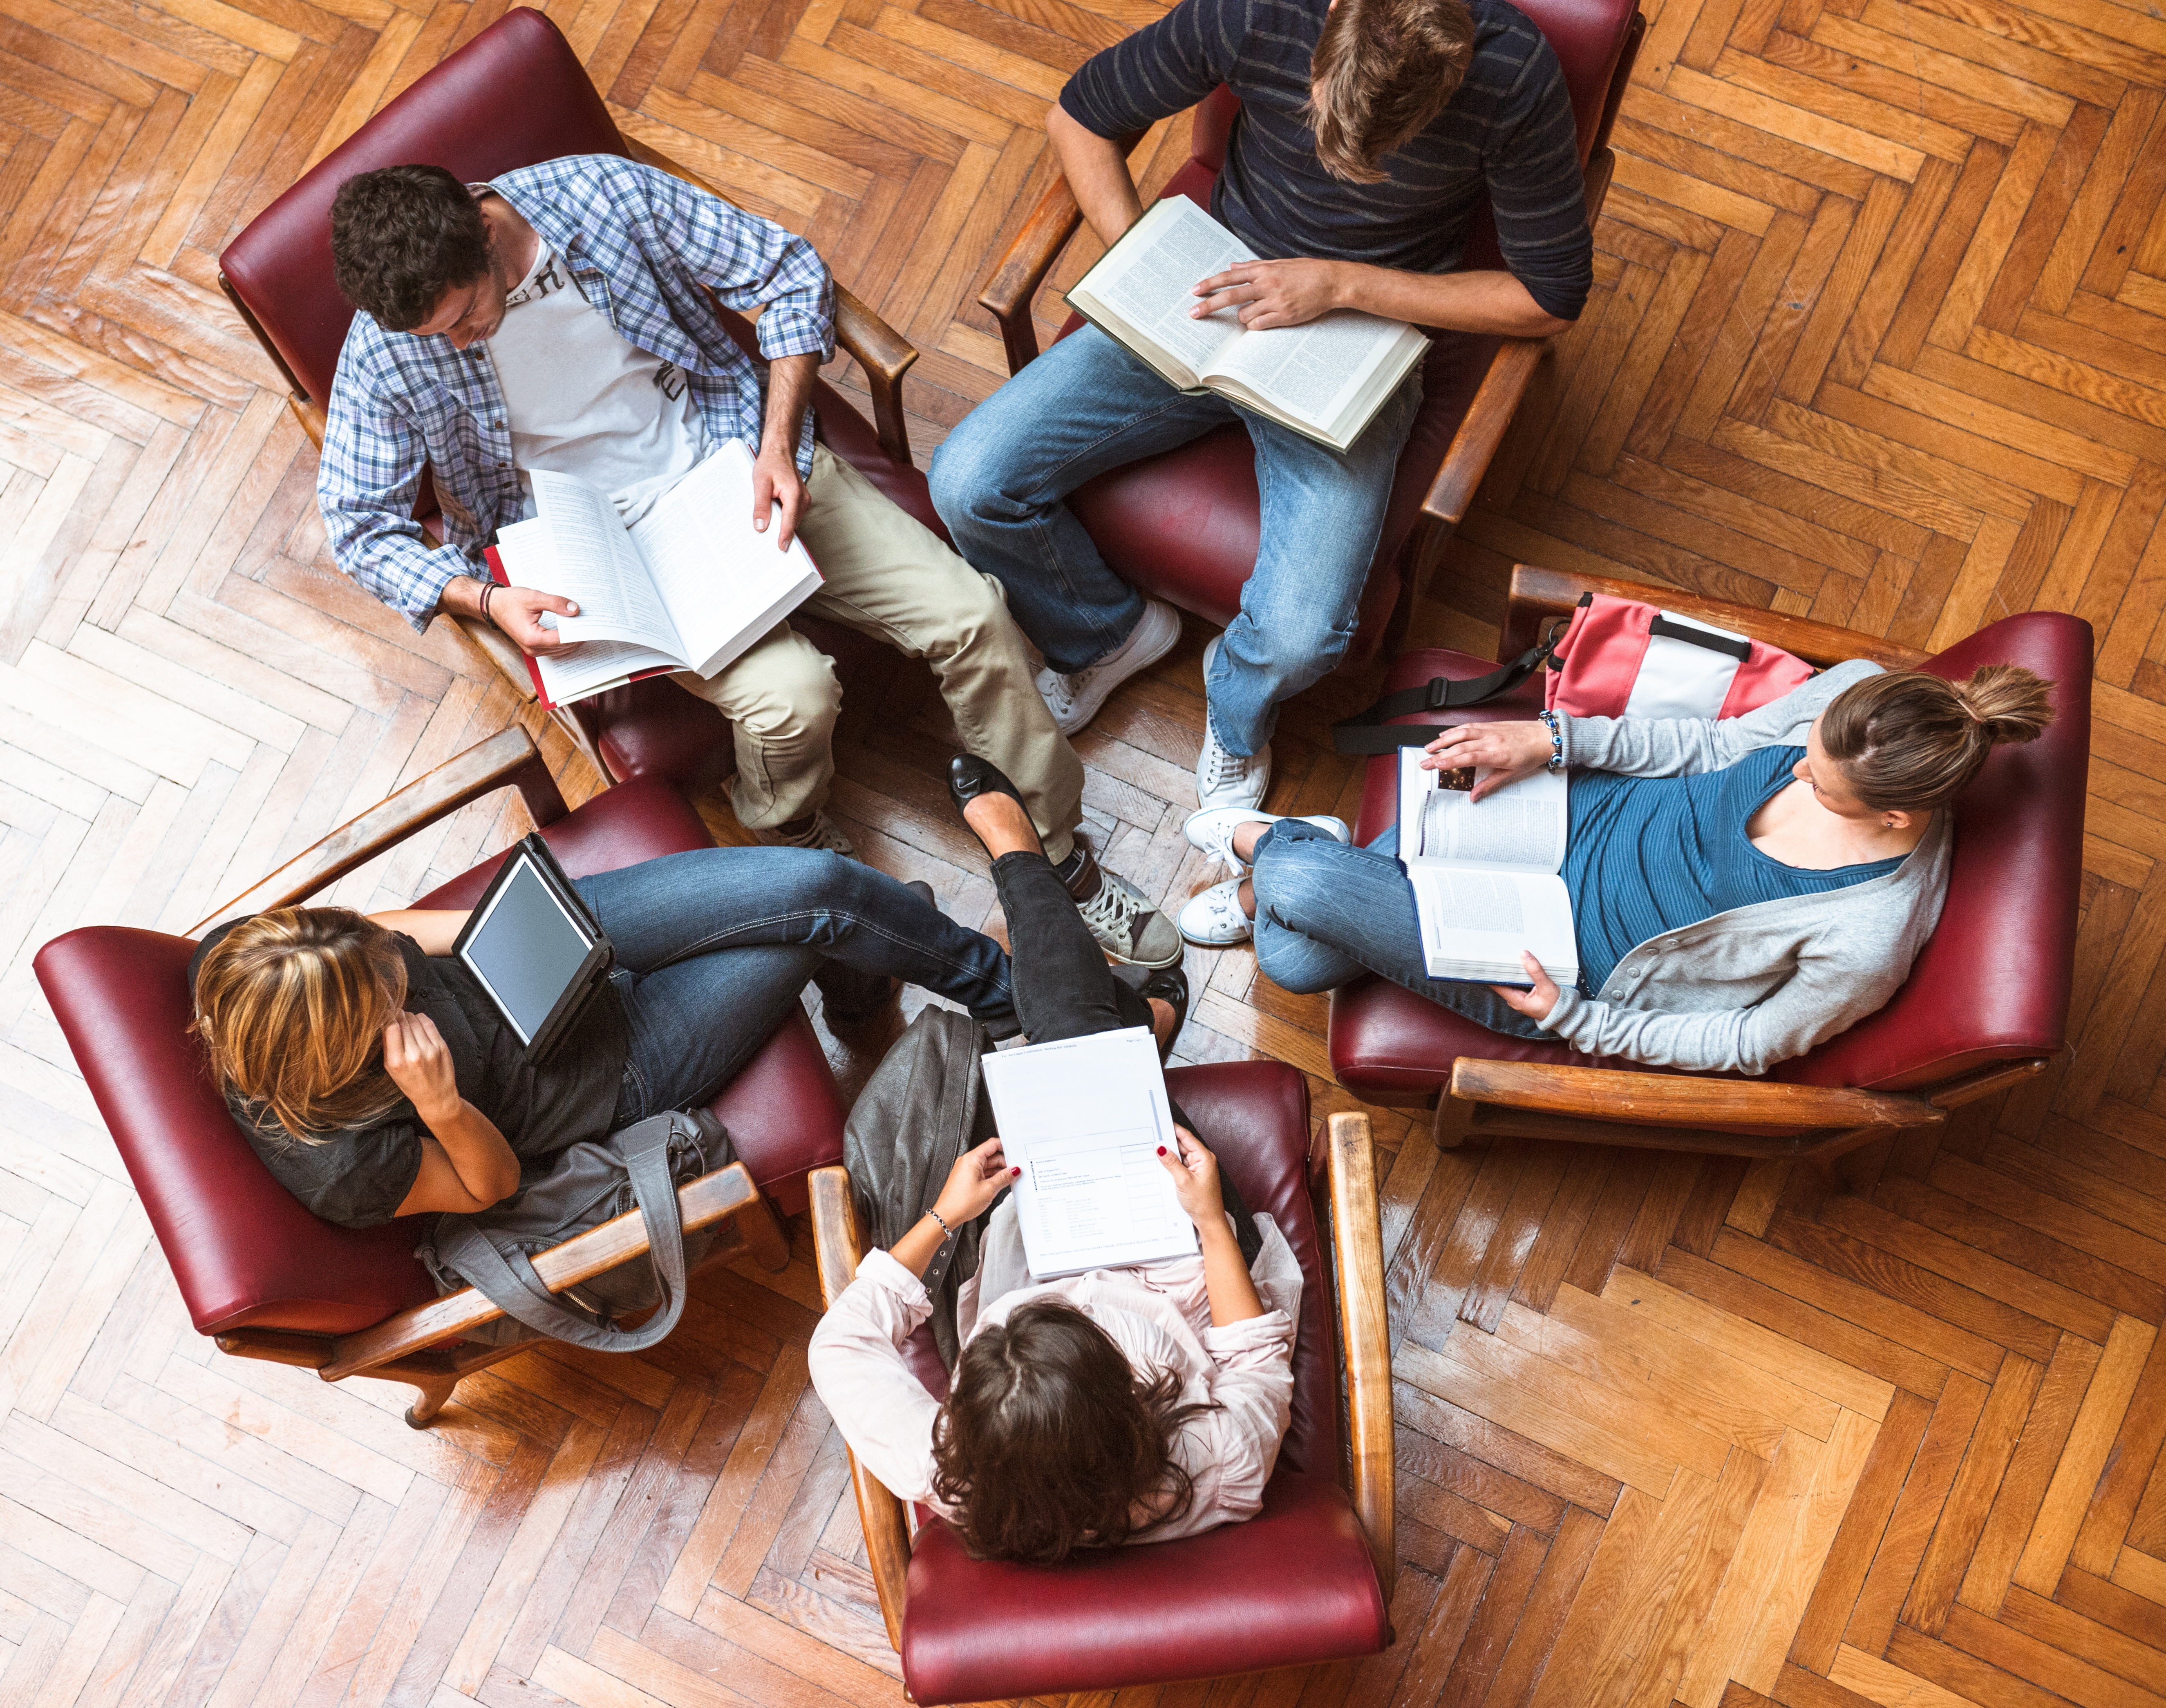 Group Reading Books.jpg